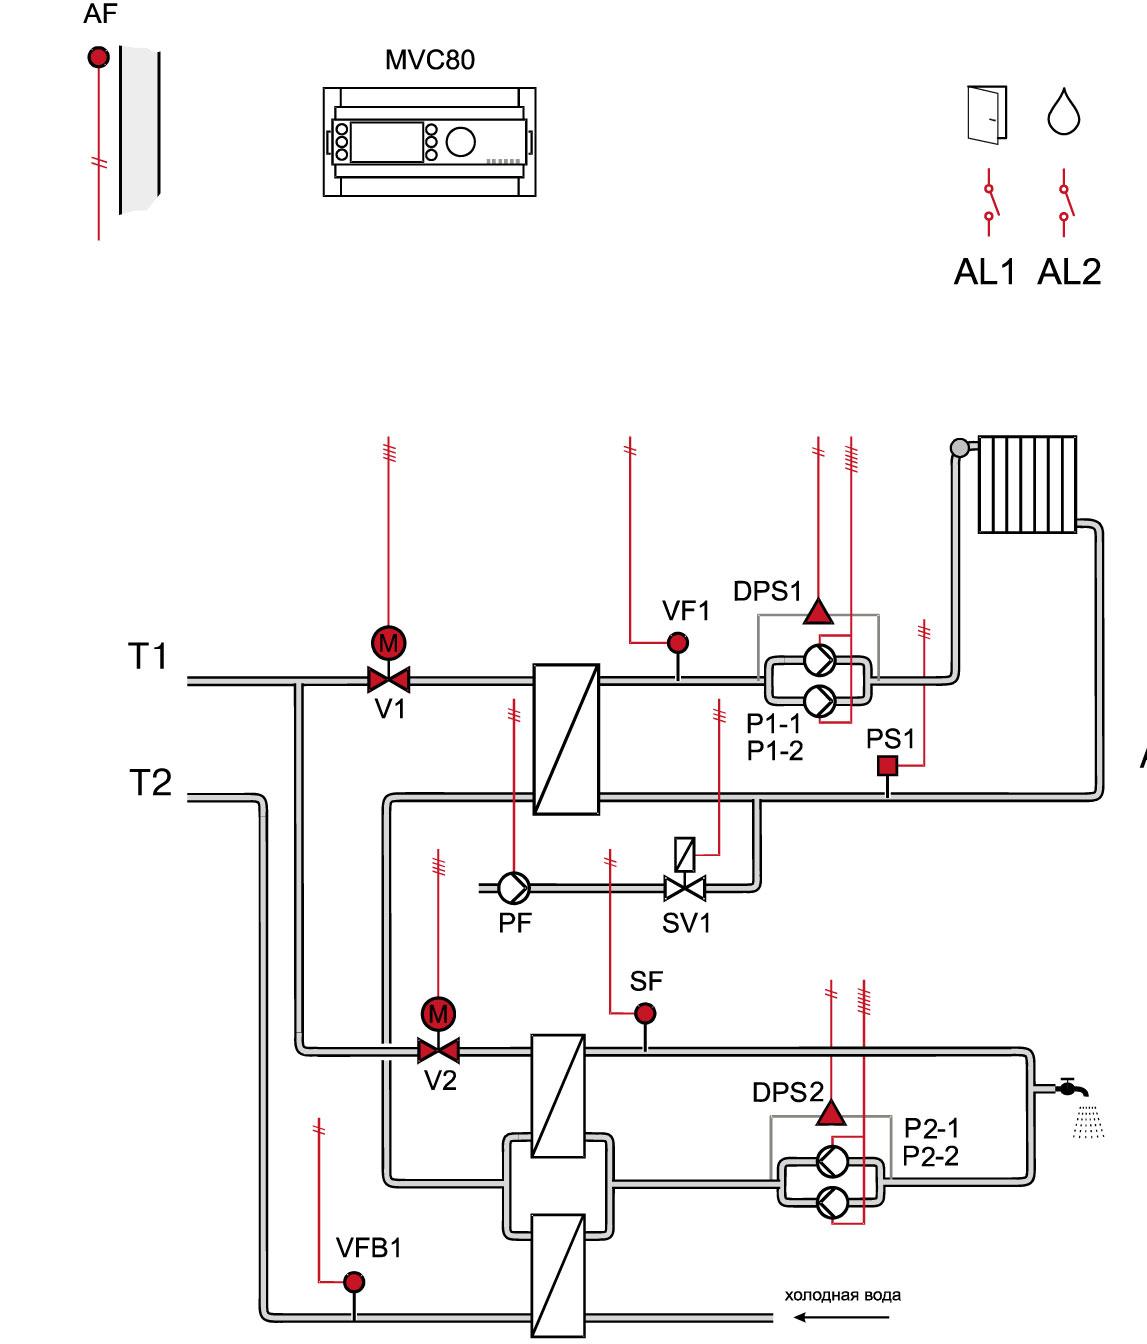 зависимый тепловой автоматический тепловой узел схема